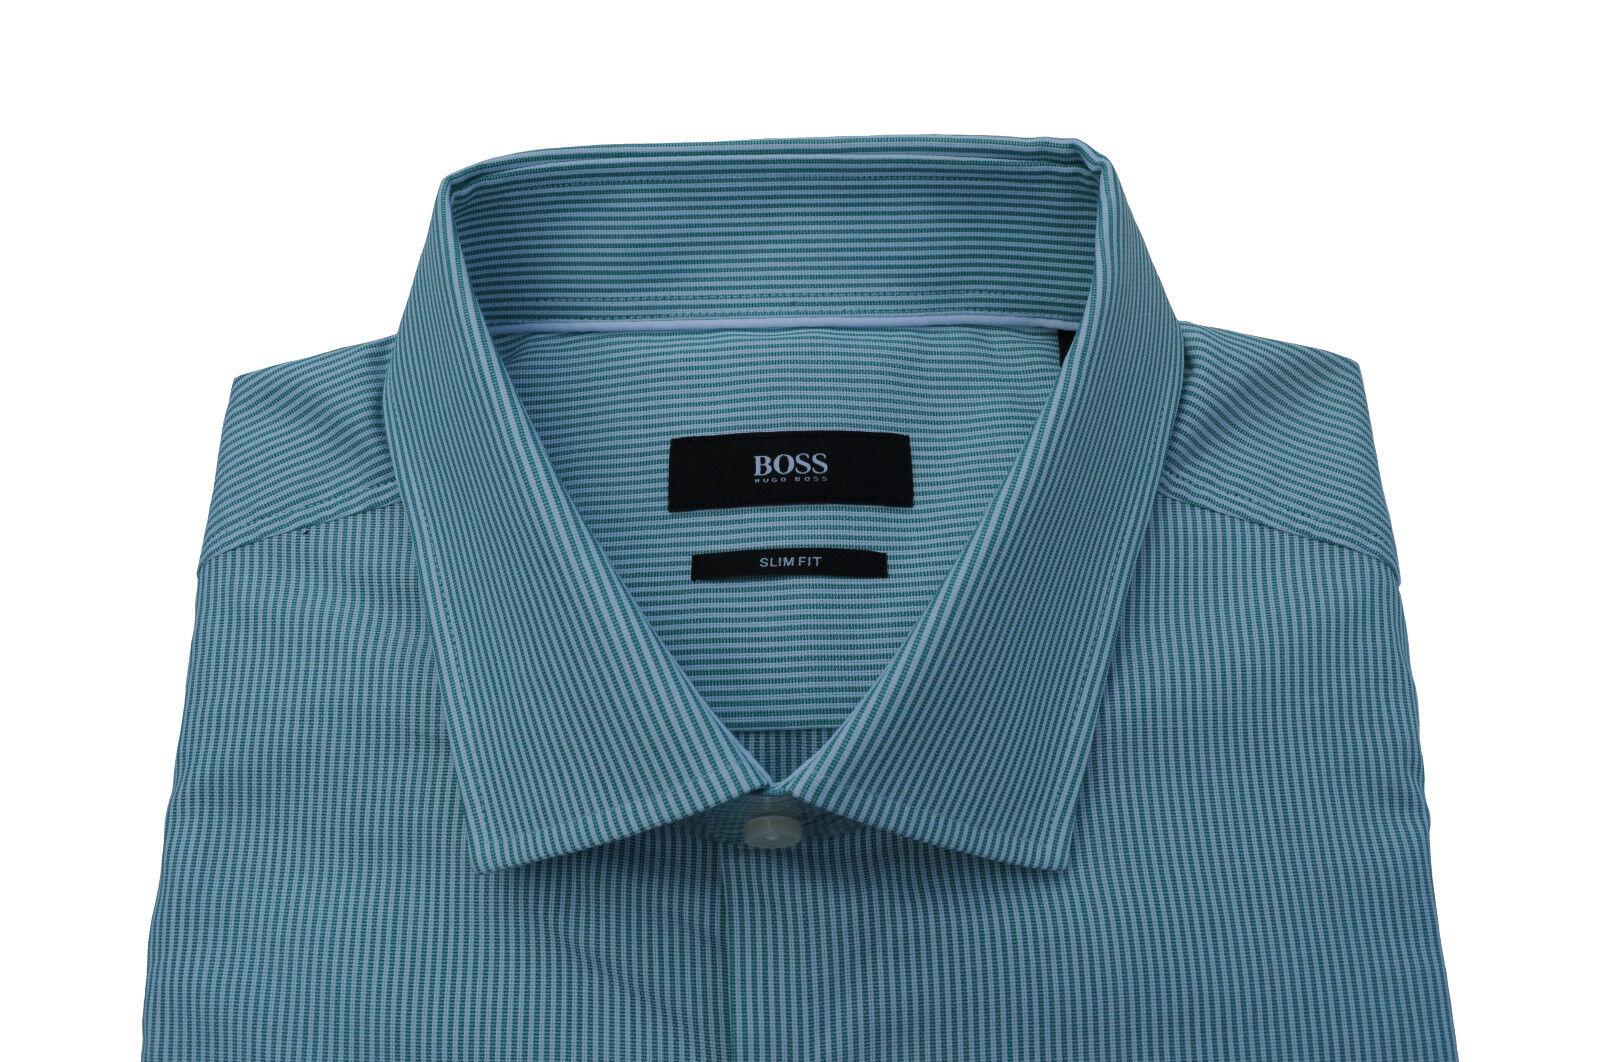 NEU NEU NEU gr. 42 HUGO BOSS HEMD JJUAN OPEN-Grün SLIM FIT zu Jeans 50310492 | Schön und charmant  95fefe